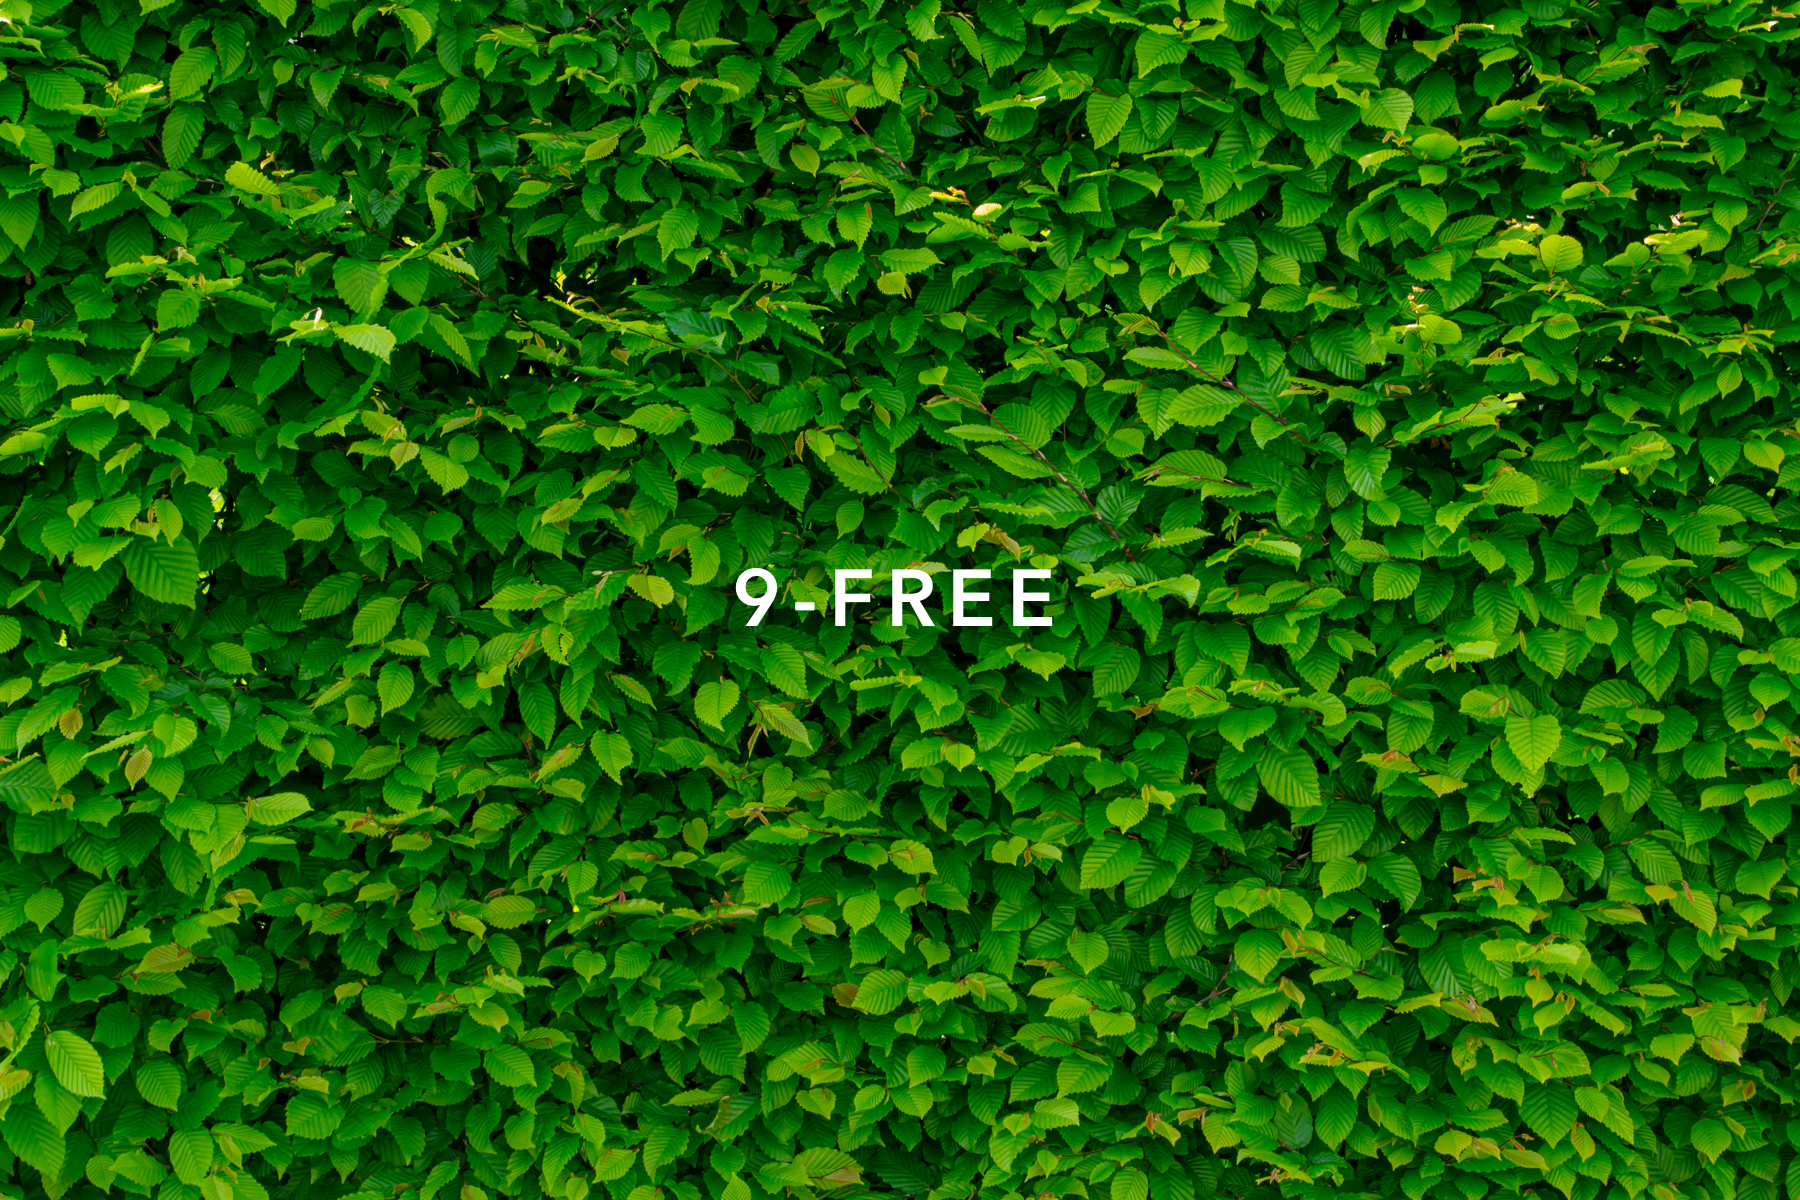 9-Free.png